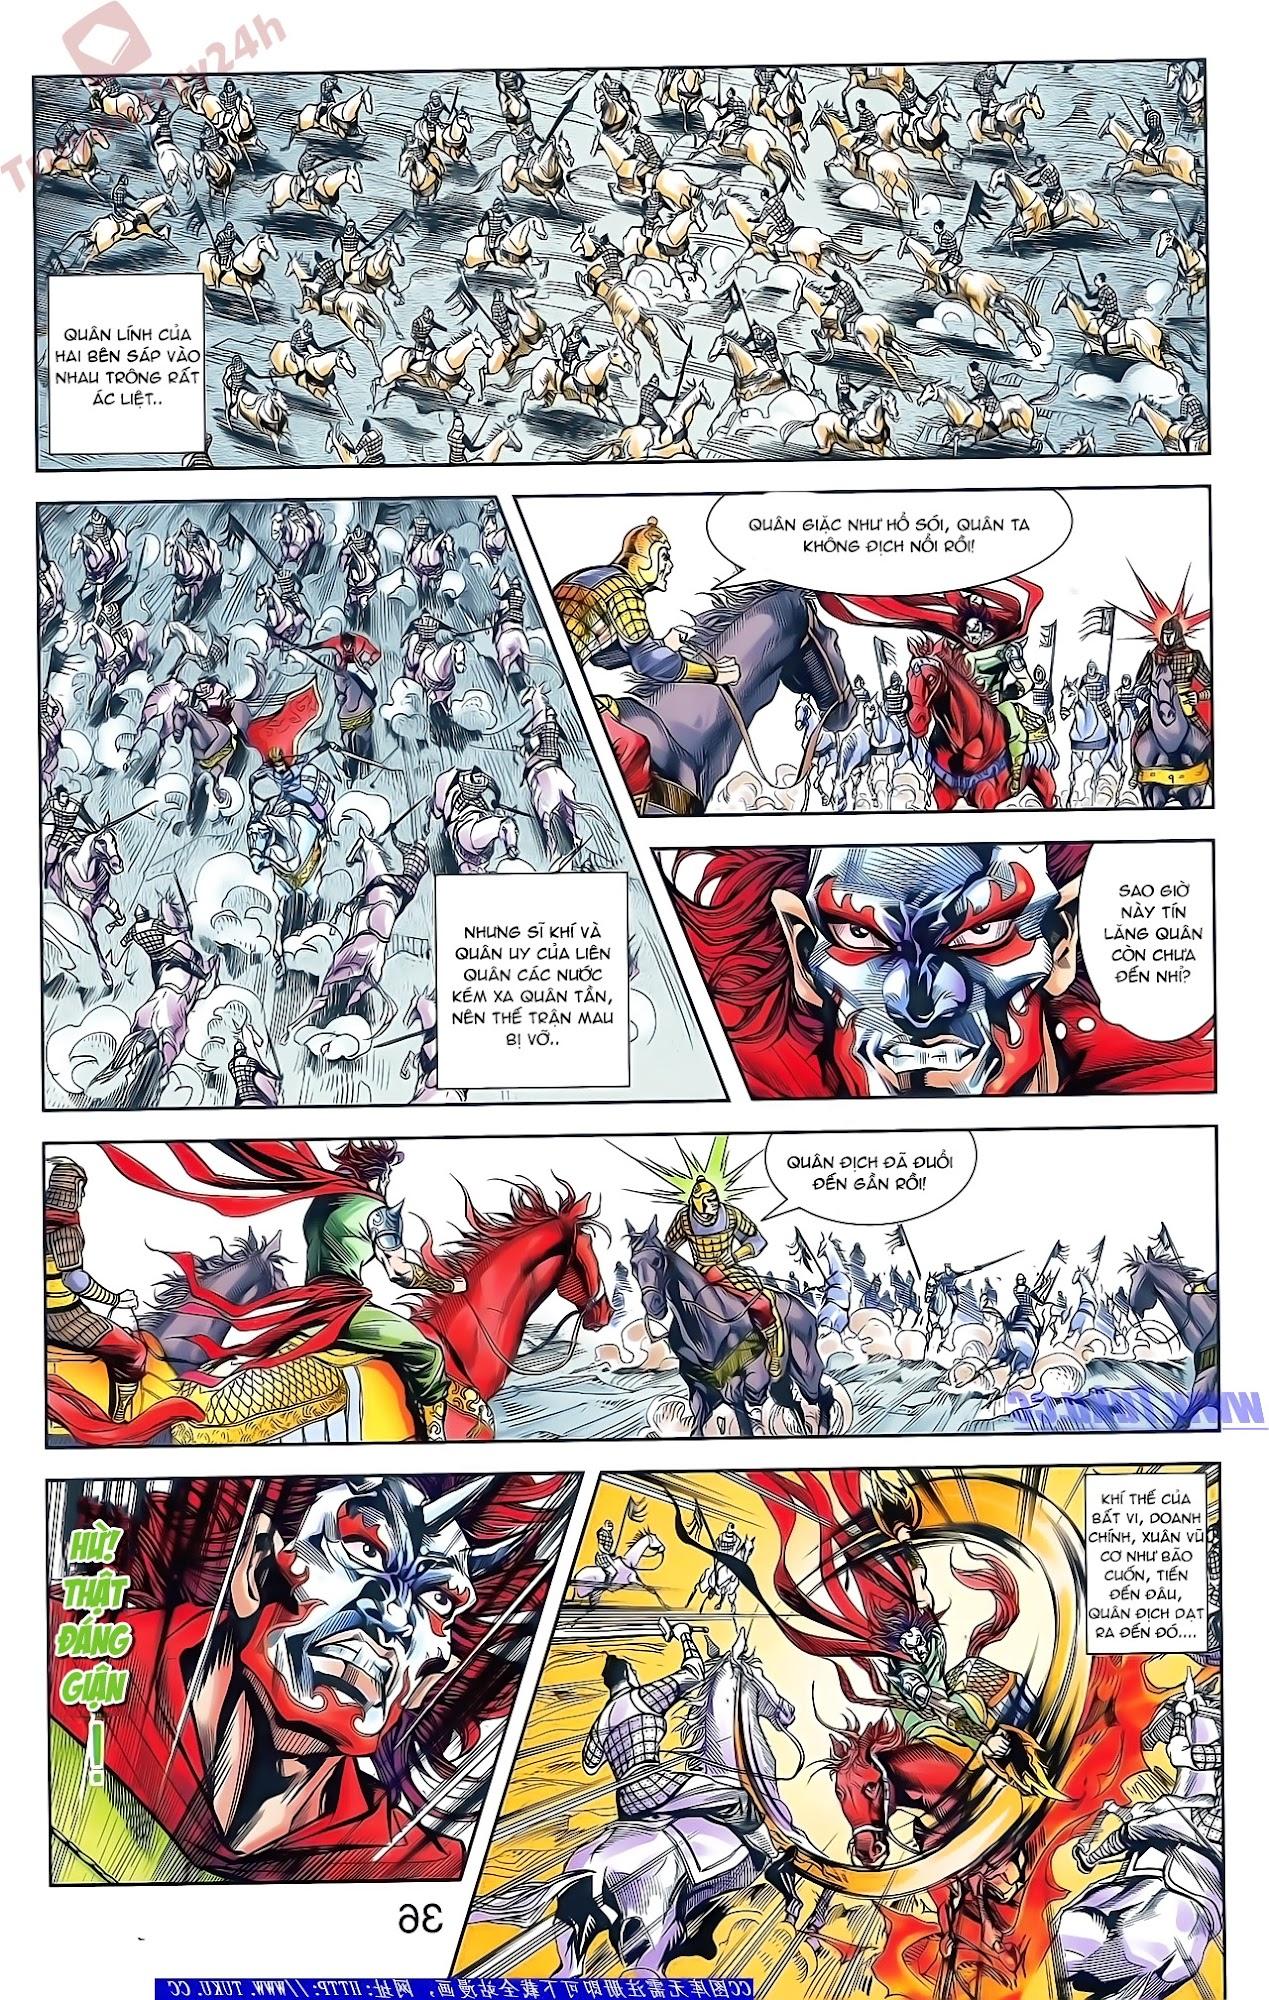 Tần Vương Doanh Chính chapter 48 trang 21